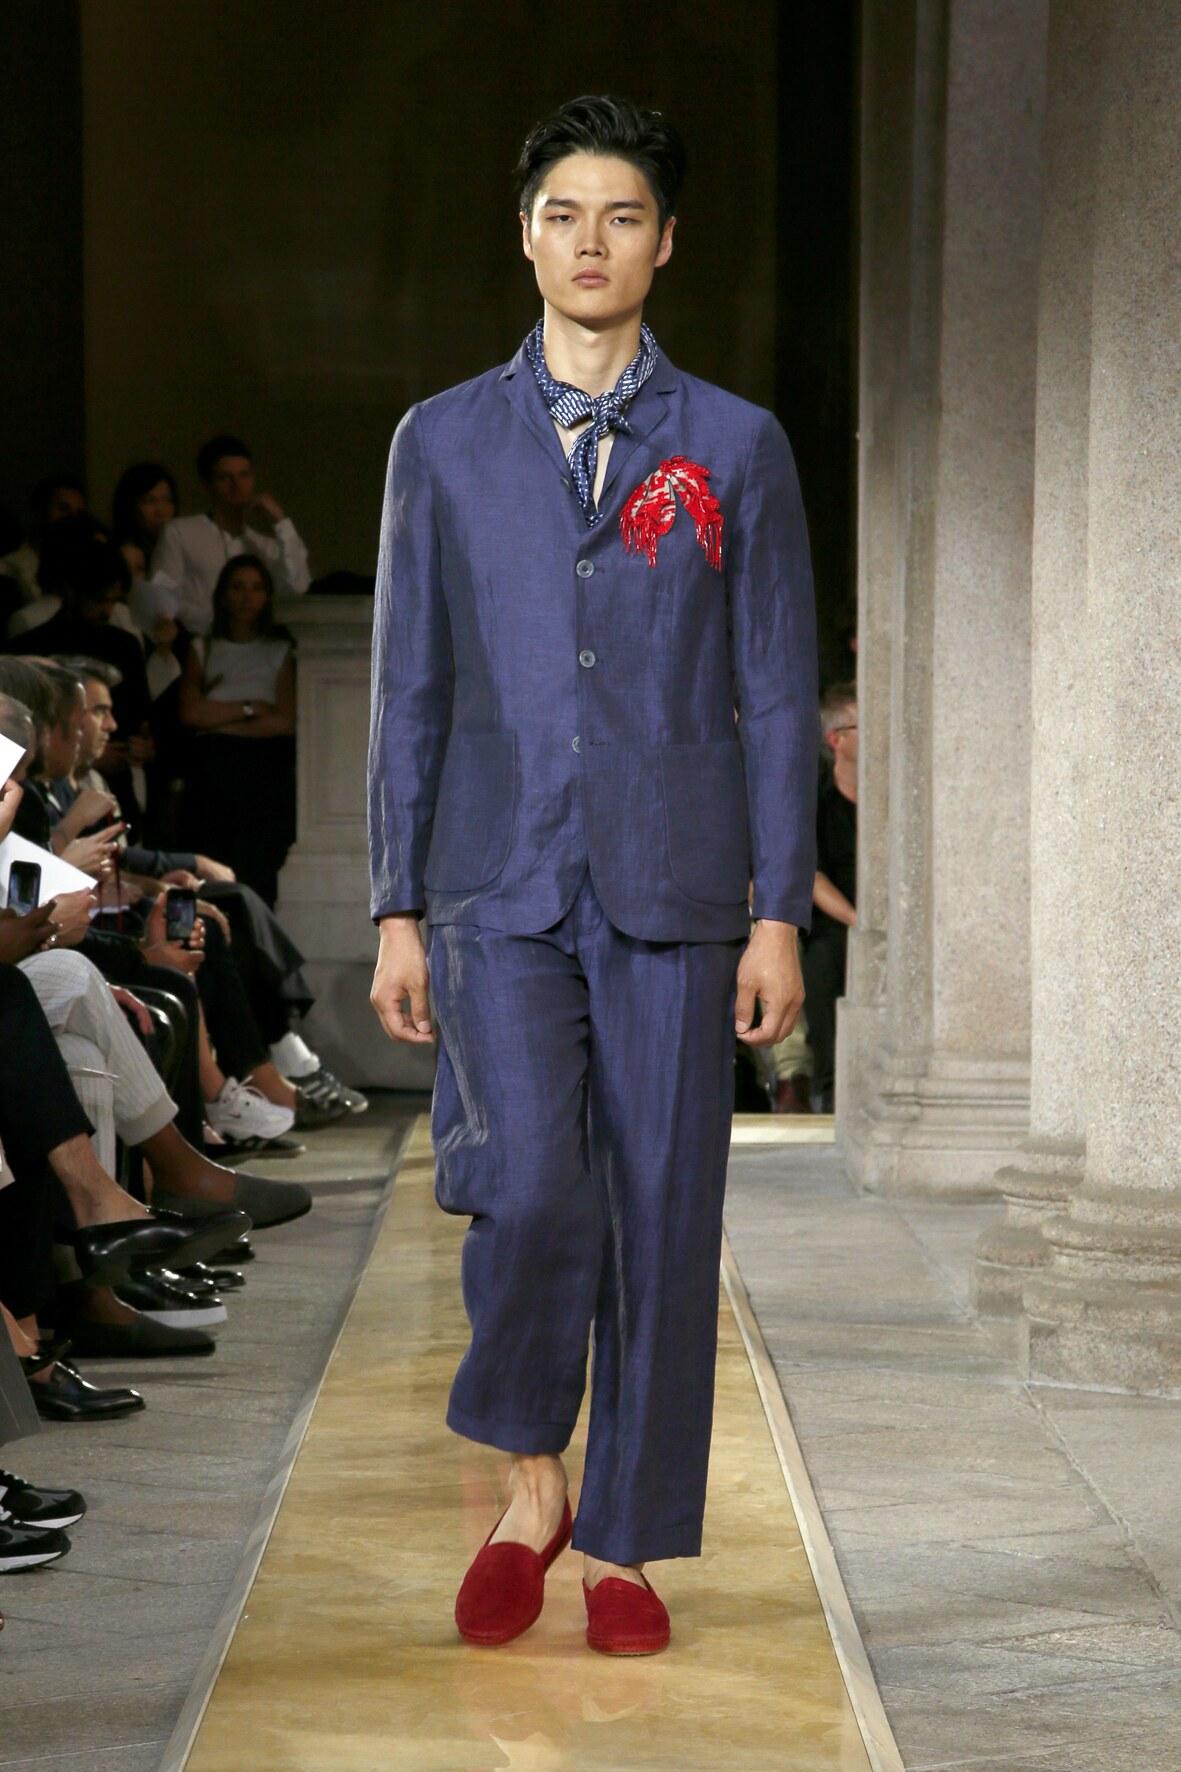 Giorgio Armani Menswear Collection Style